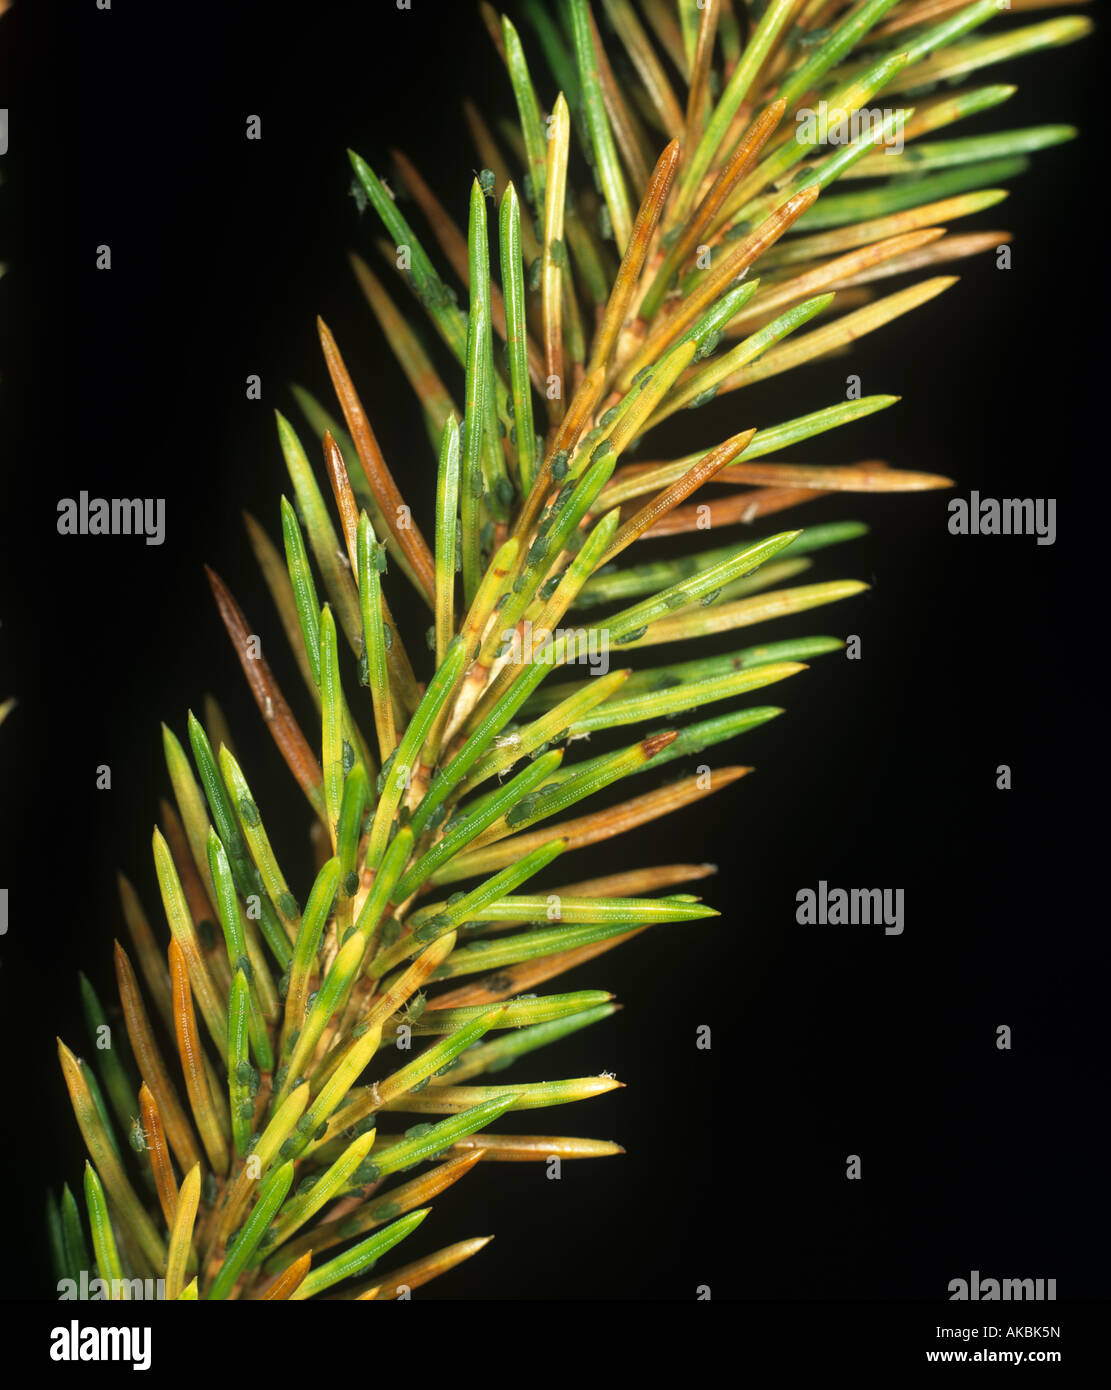 Green spruce aphid Elatobium abietinum infestation and damage on Norway spruce needles - Stock Image